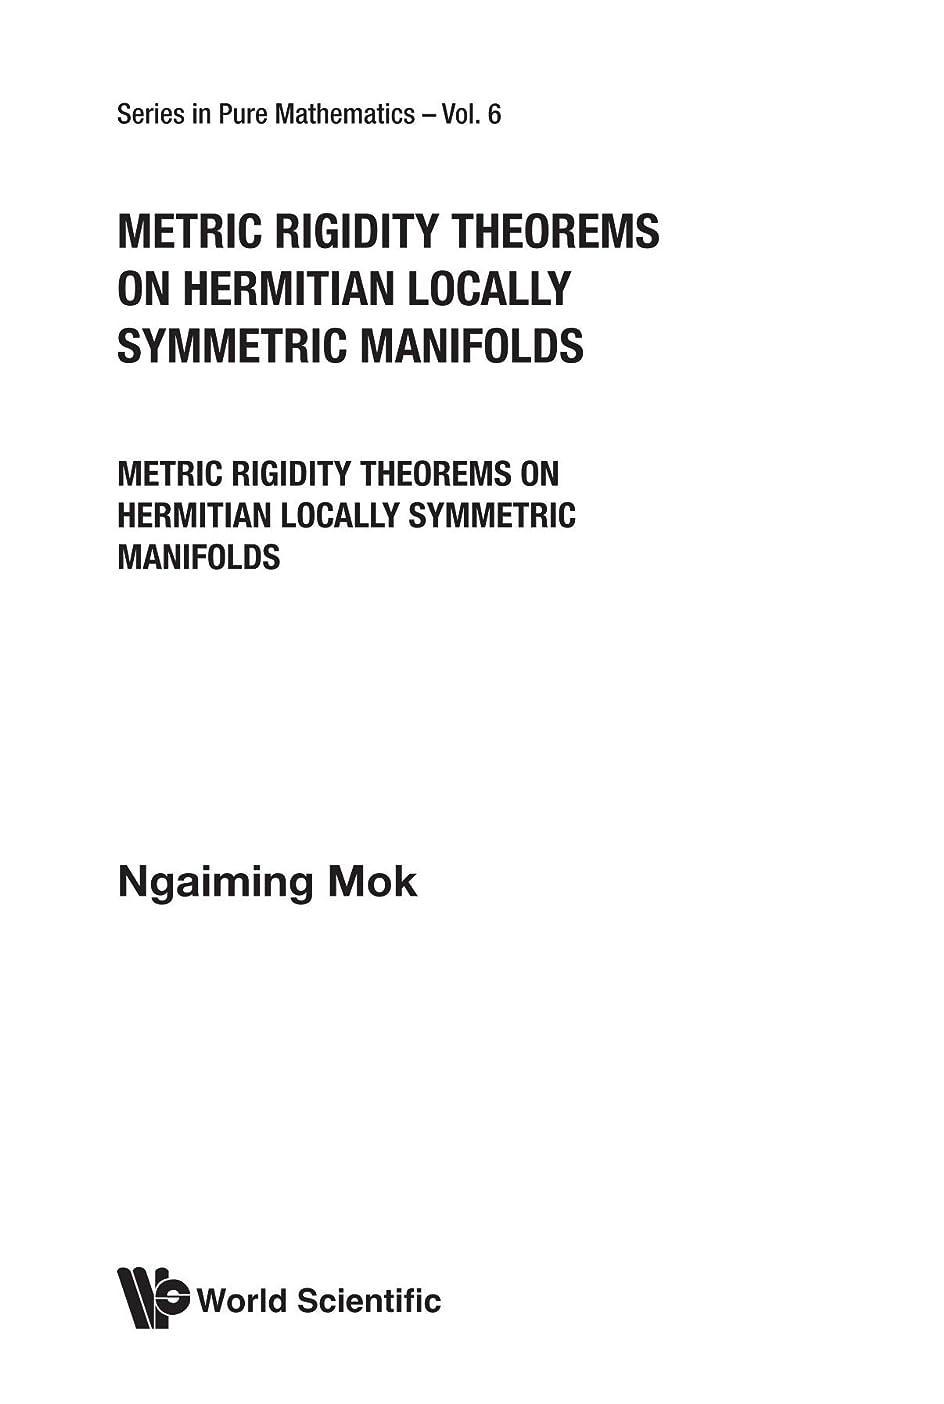 配当満了規模Metric Rigidity Theorems on Hermitian Locally Symmetric Manifolds (Series in Pure Mathematics)